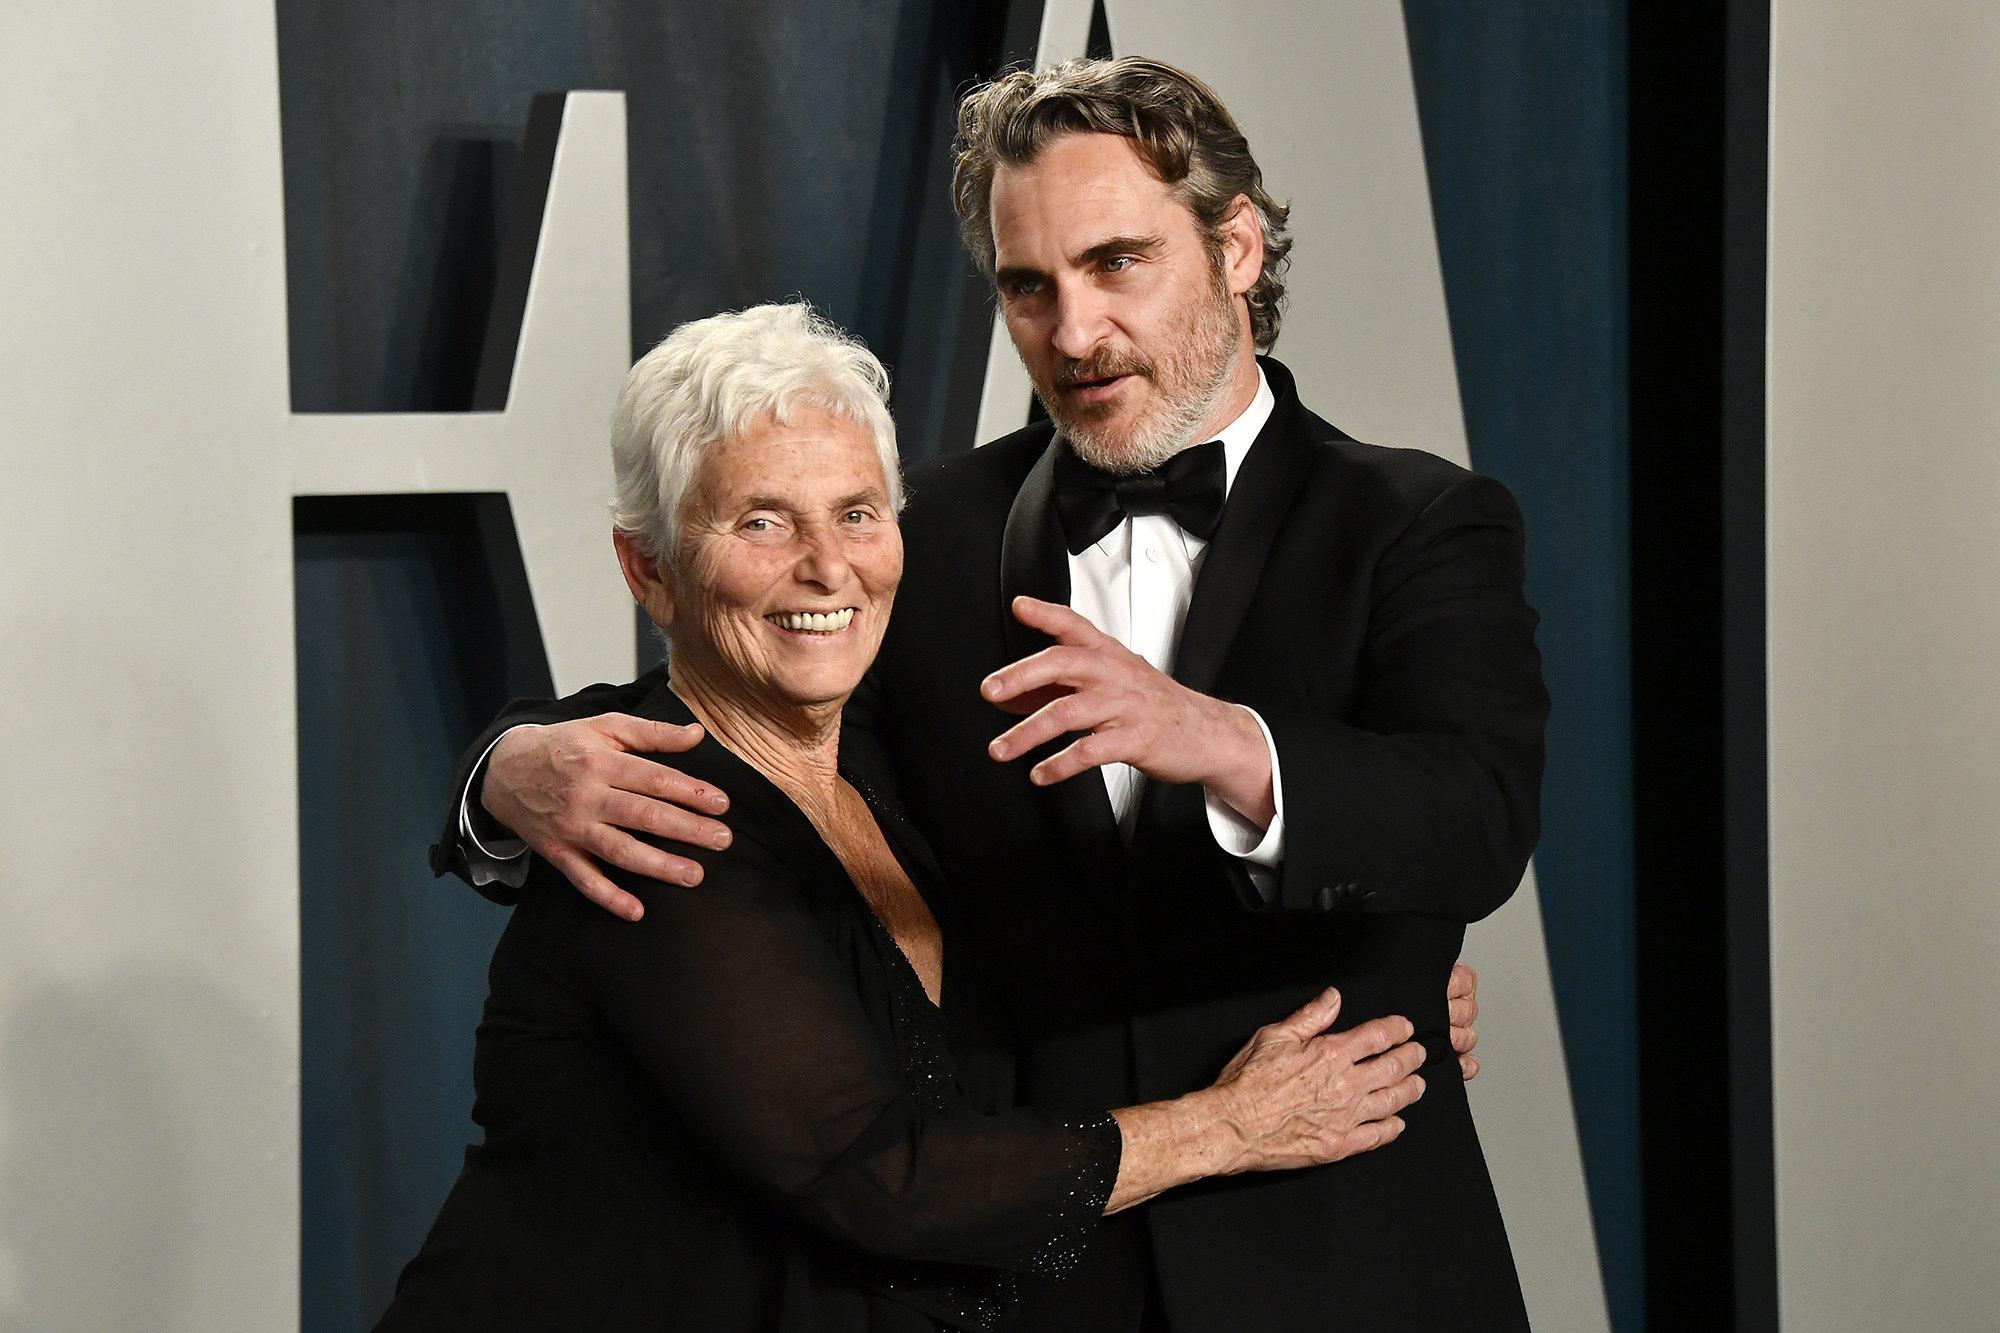 Хоакин Феникс со своей мамой Арлин Феникс навечеринке Vanity Fair